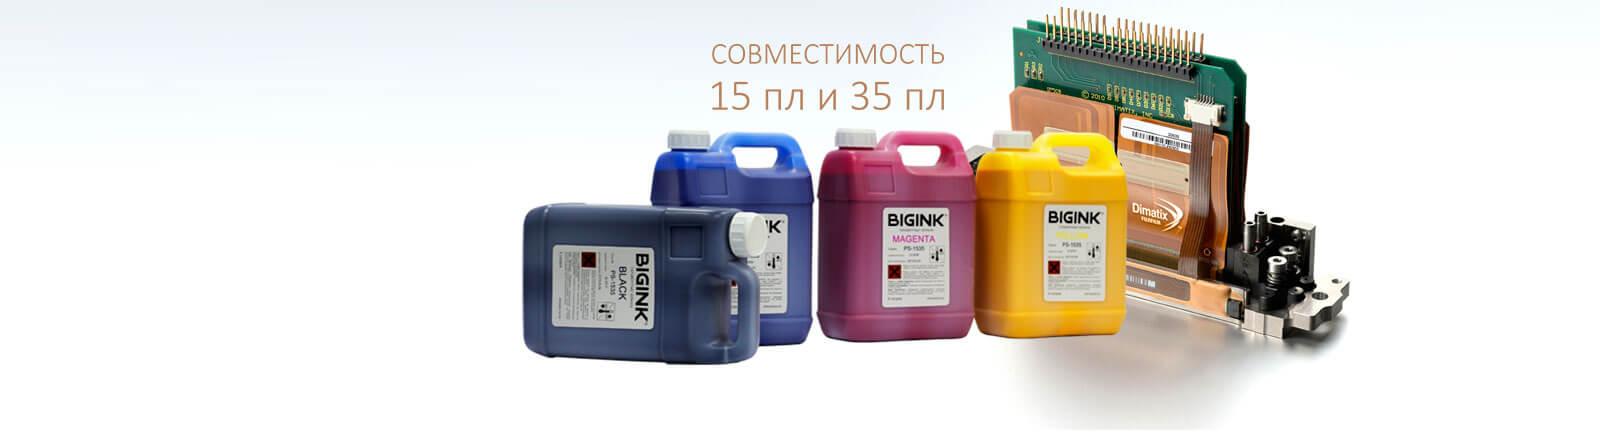 BIGINK PS-1535